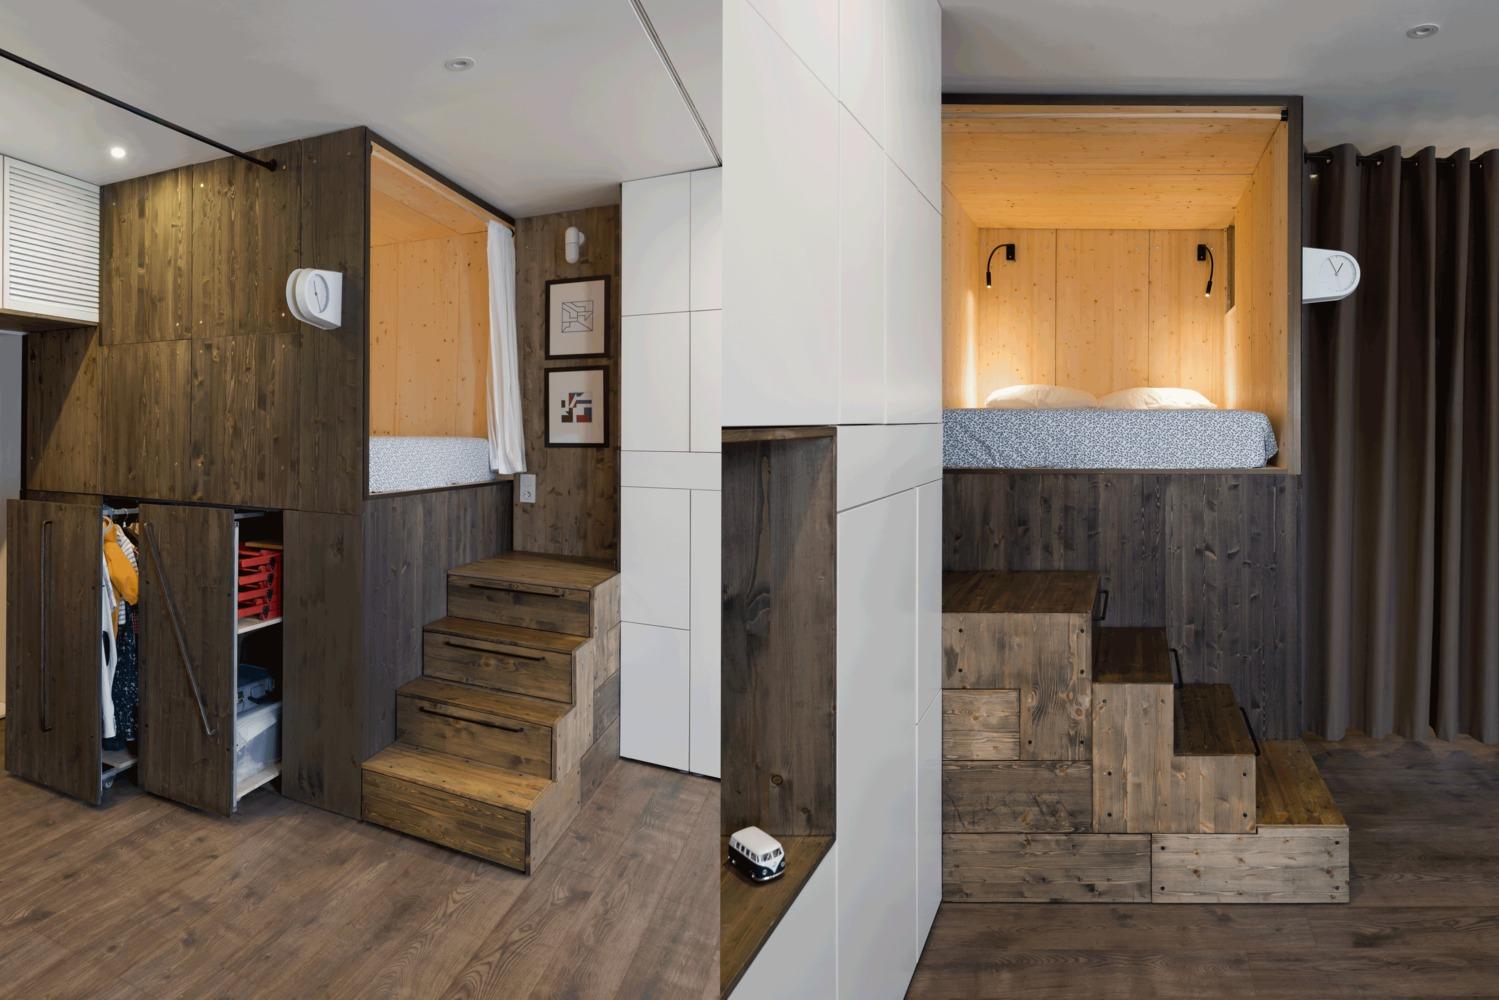 Mieszkanie 35m2, jak urządzić małe mieszkanie